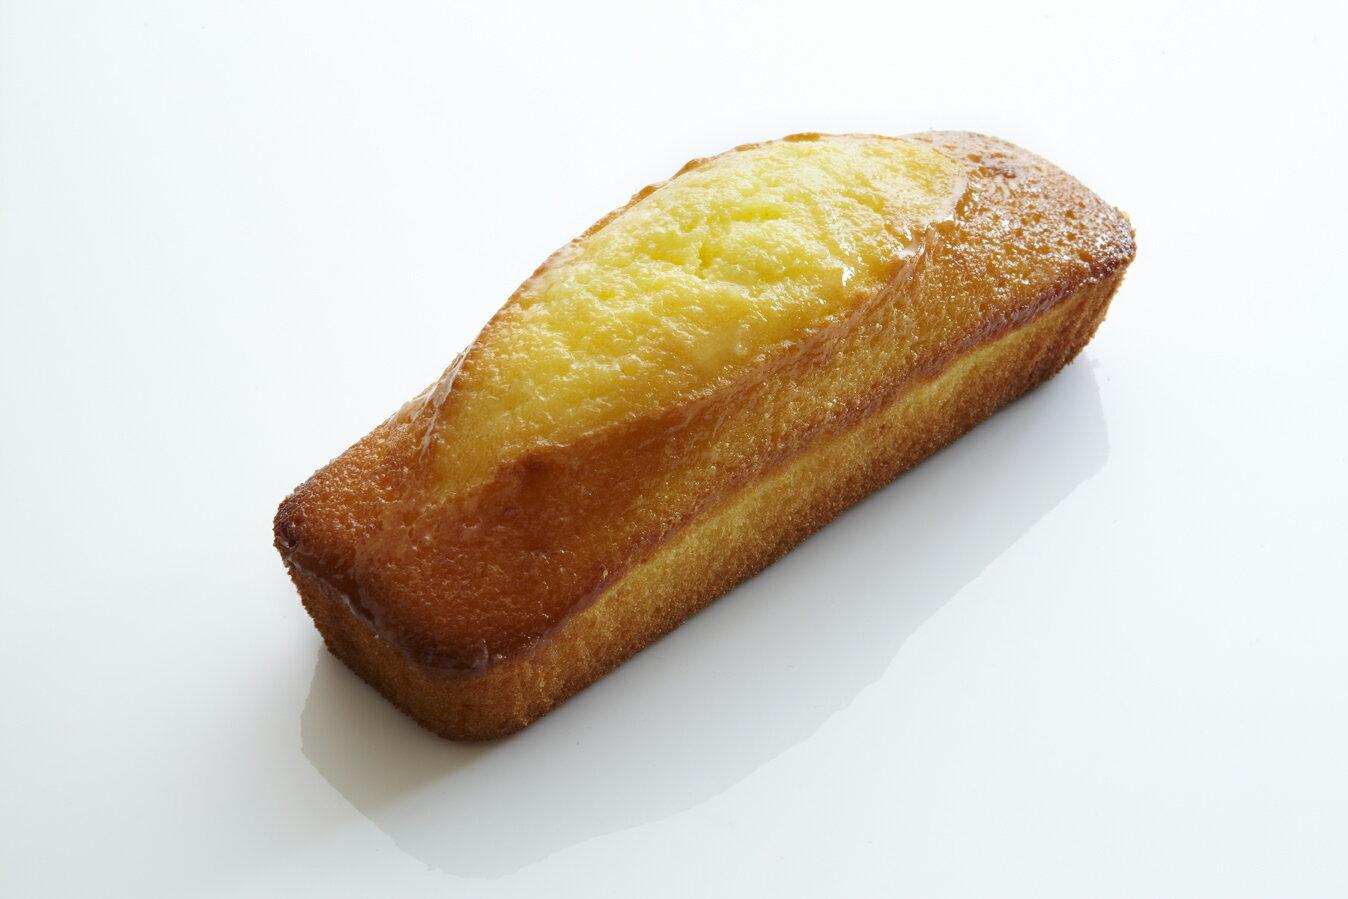 〔哈肯舖〕檸檬樹英式蛋糕✨檸檬蛋糕 磅蛋糕 檸檬口味